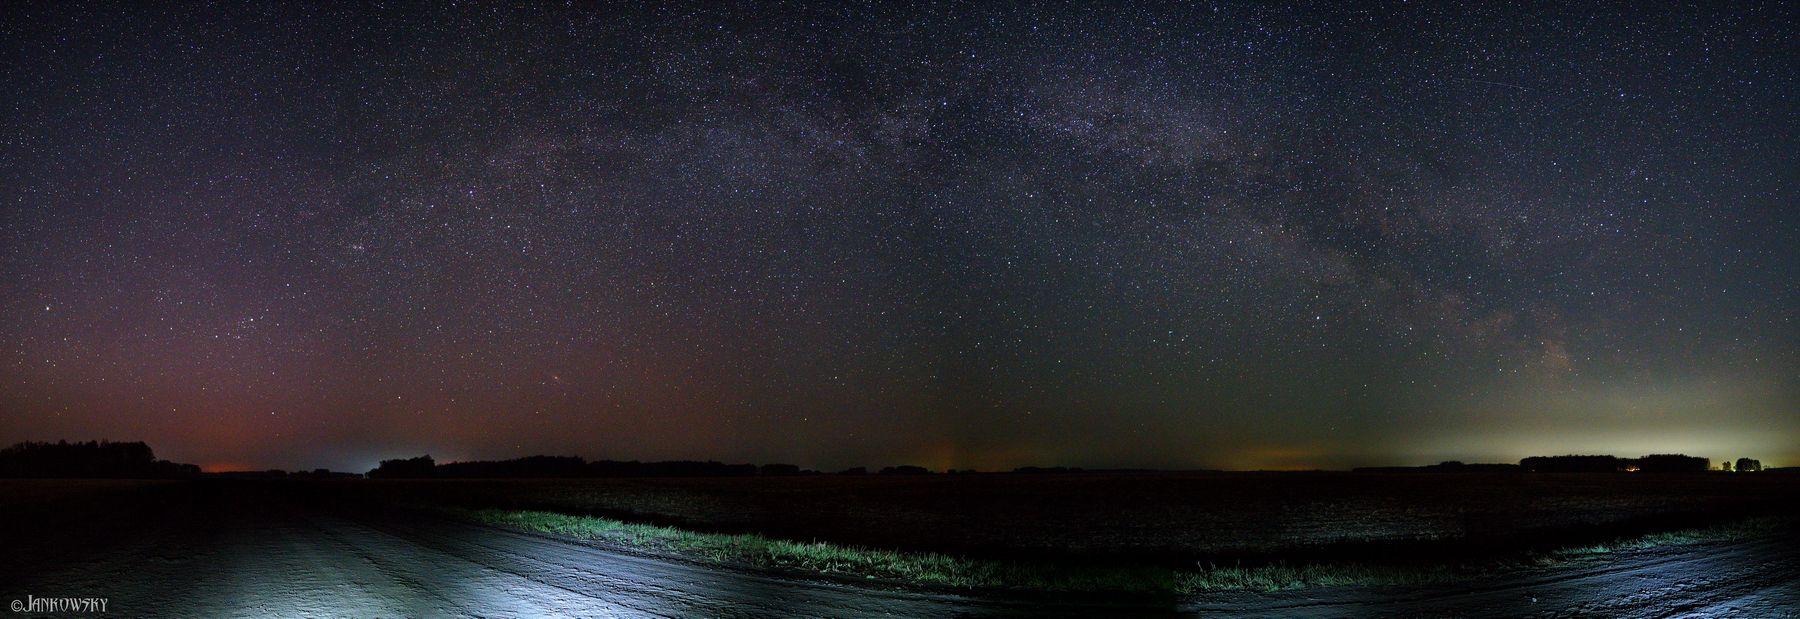 Восход Млечного пути. Омская область омск млечный путь milky way панорама астропейзаж поле звездное небо